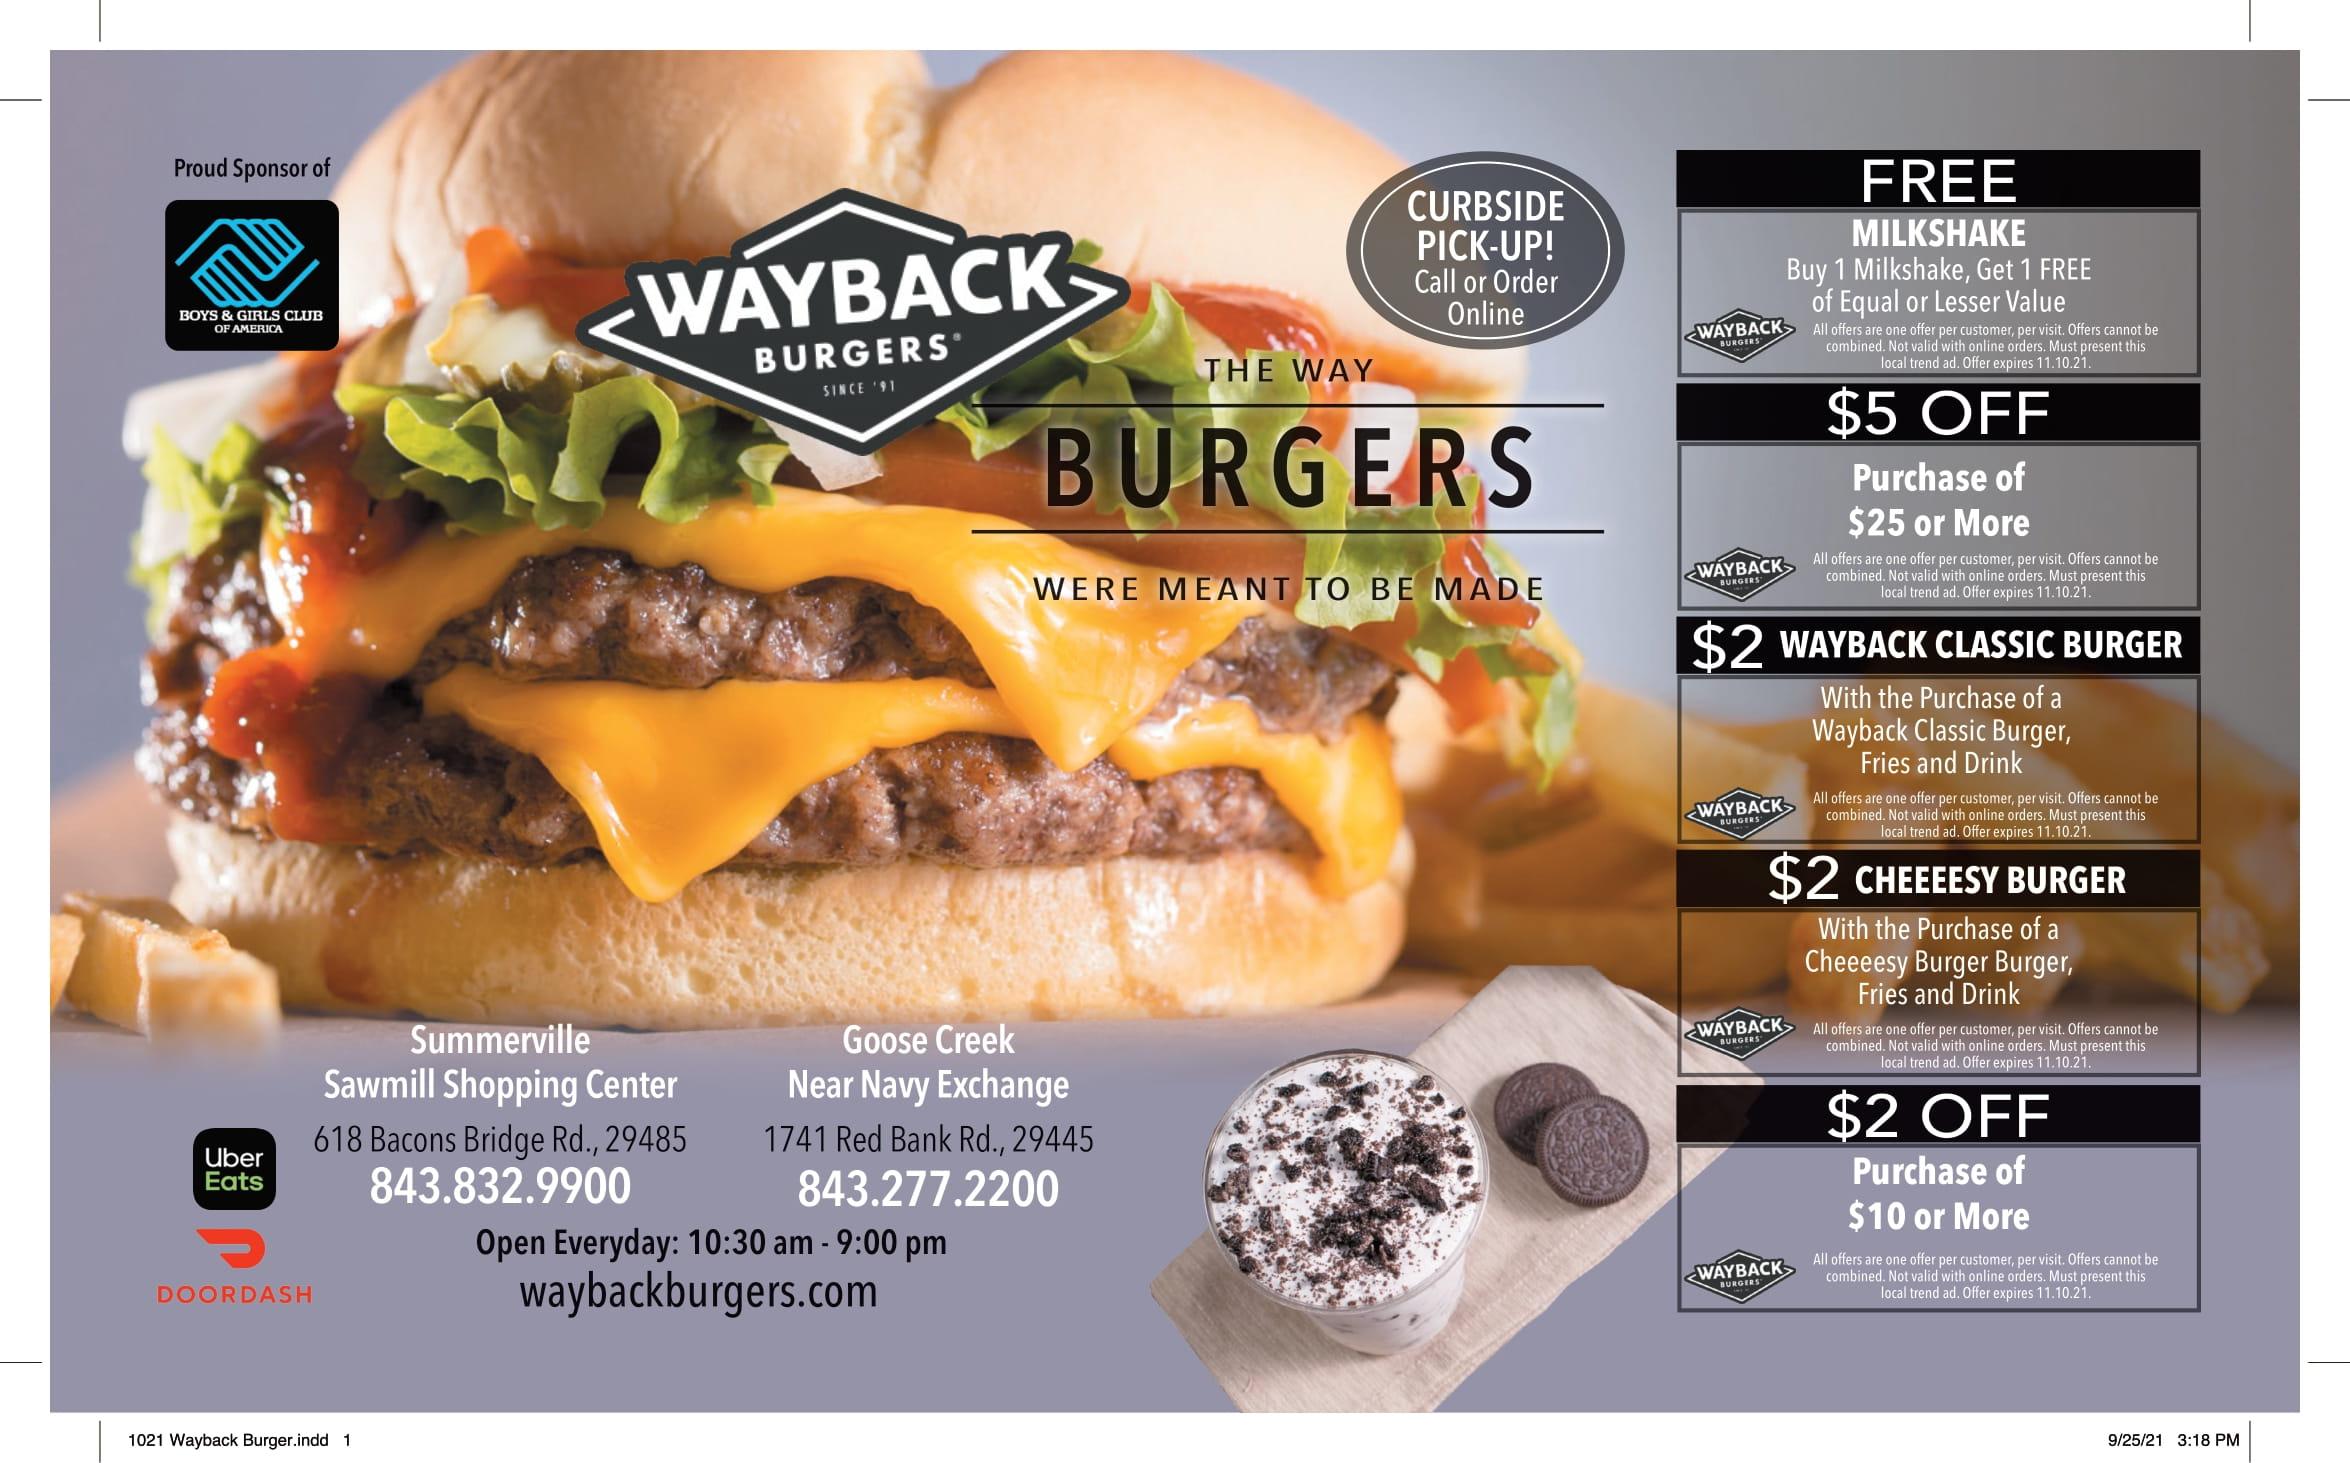 1021 Wayback Burger 1